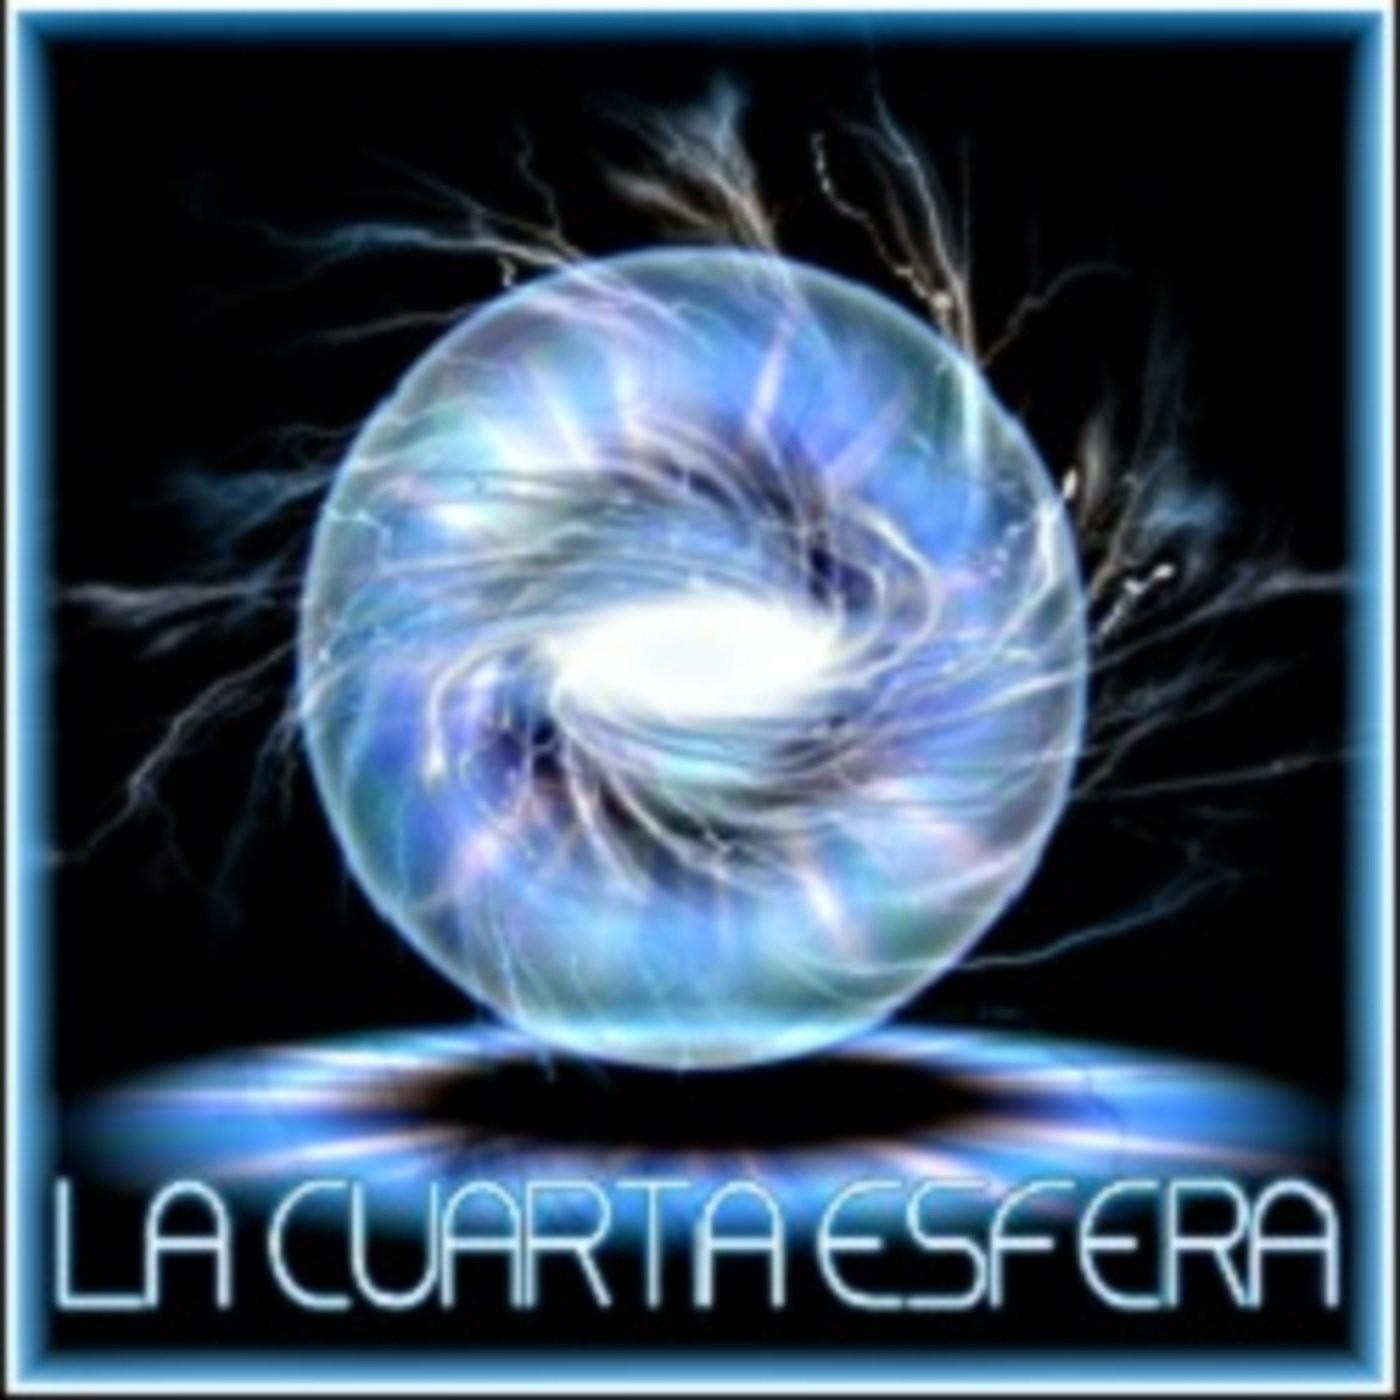 La Cuarta Esfera image